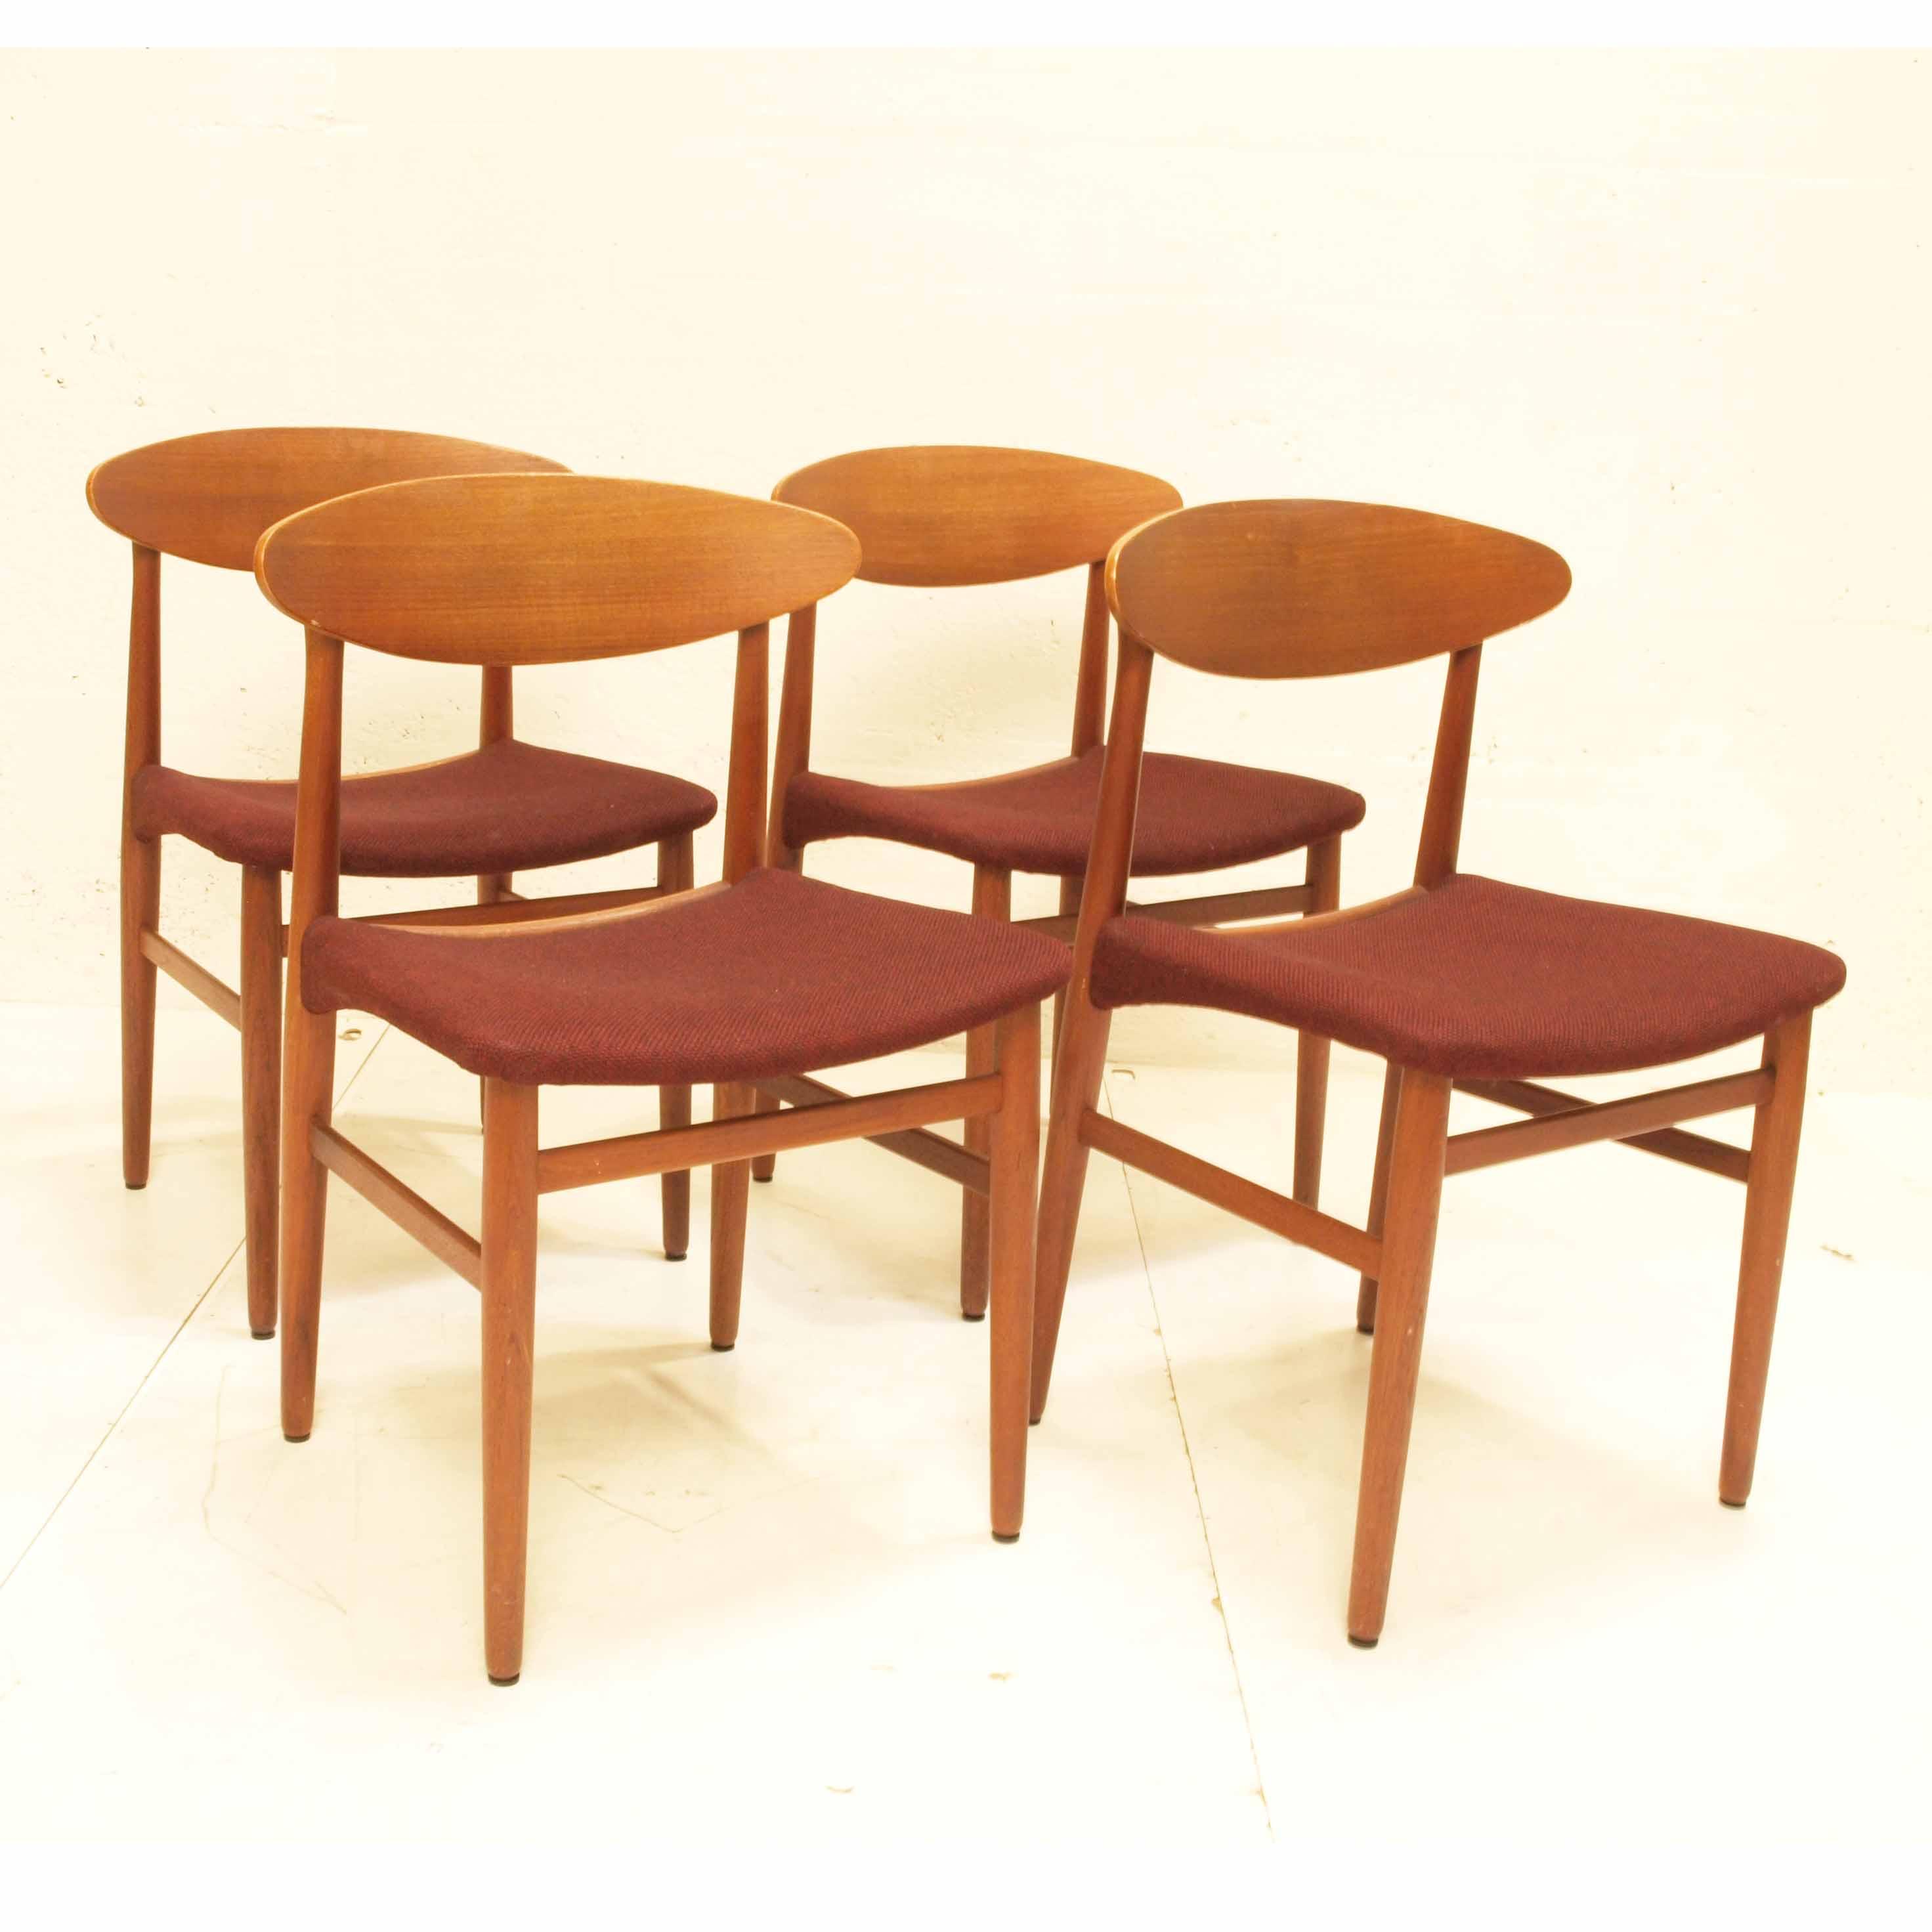 4er set d nische st hle aus teak m bel z rich vintagem bel. Black Bedroom Furniture Sets. Home Design Ideas